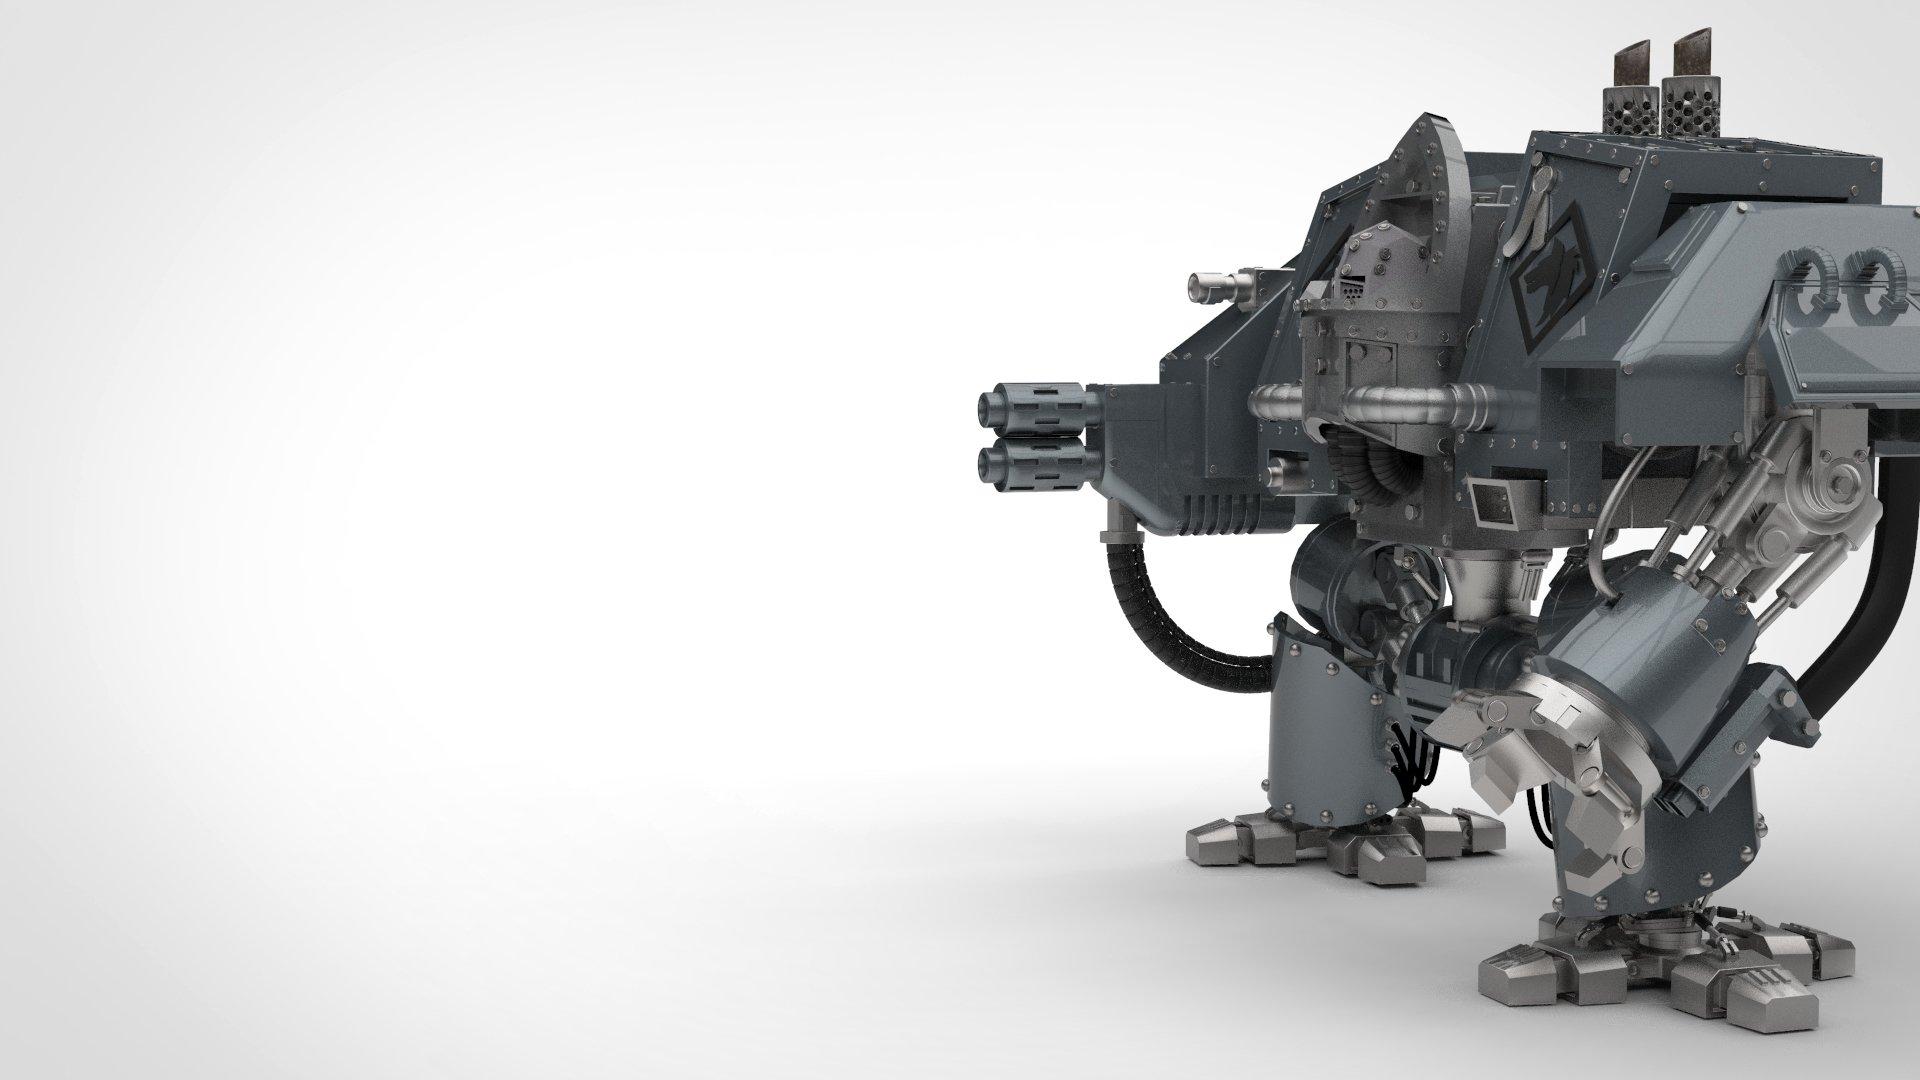 The Warhammer 40k Dreadnought Set Dreadnought